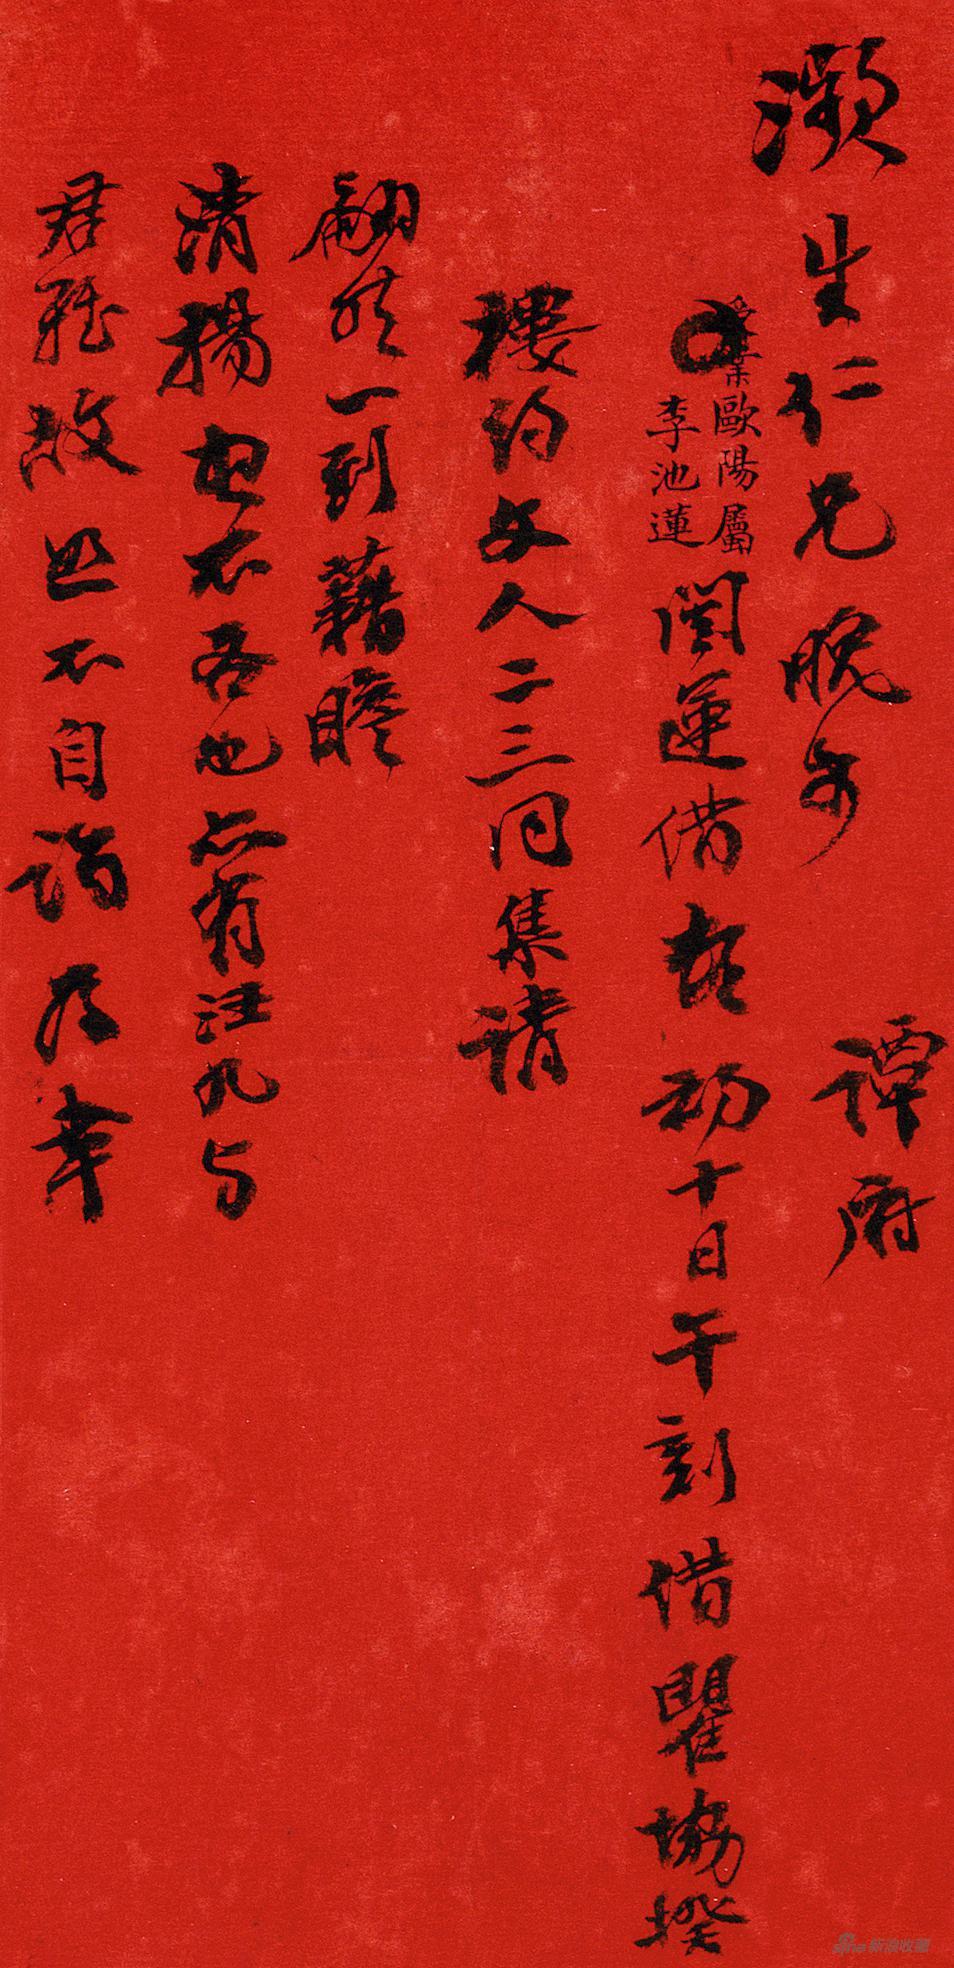 王闿运致齐白石信札 王闿运 无年款 19×9cm 纸本墨笔 北京画院藏